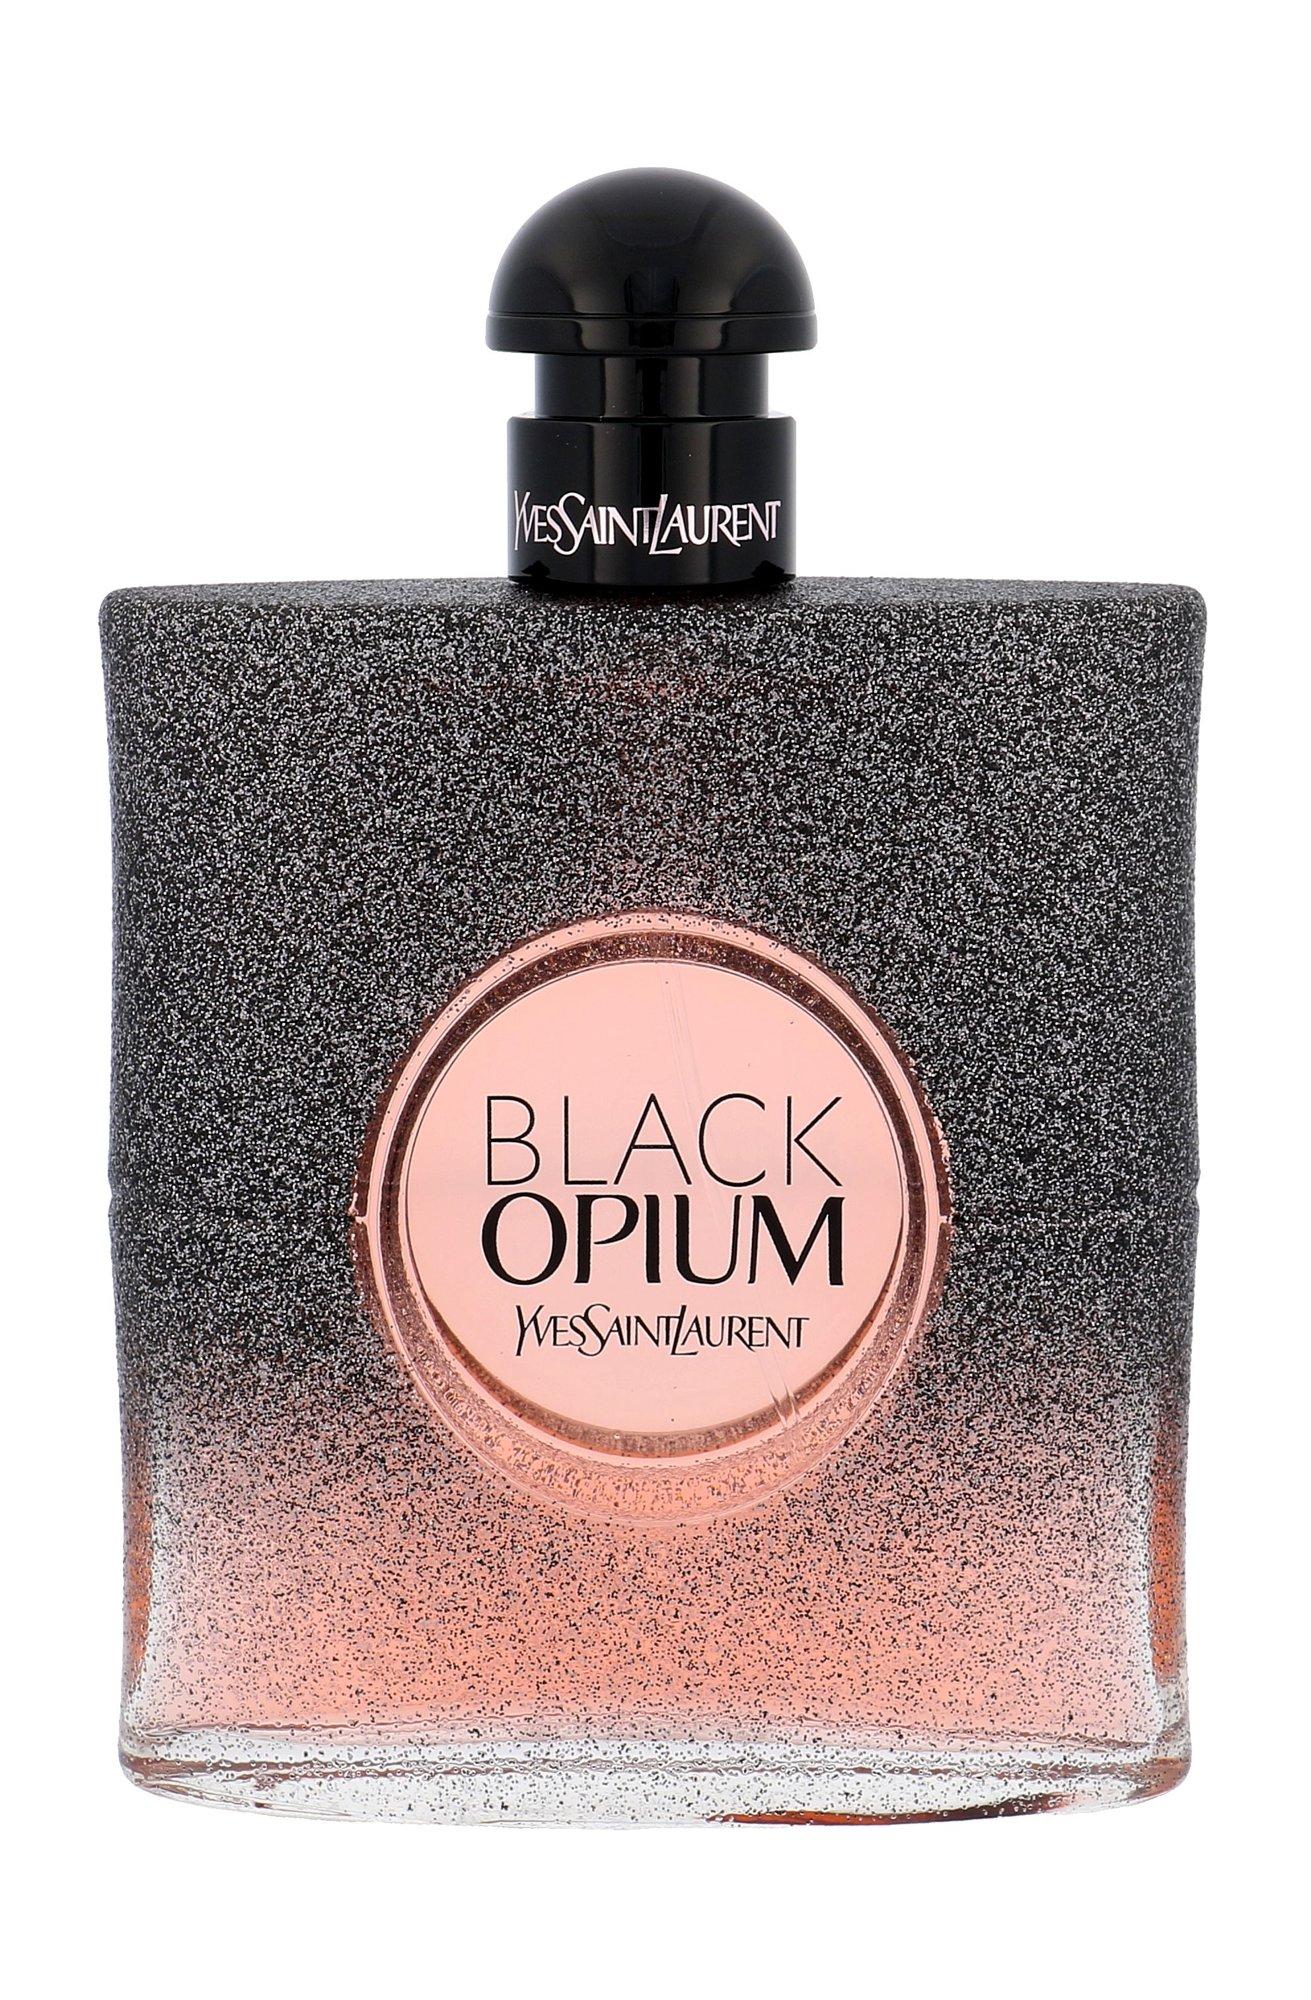 Yves Saint Laurent Black Opium EDP 90ml